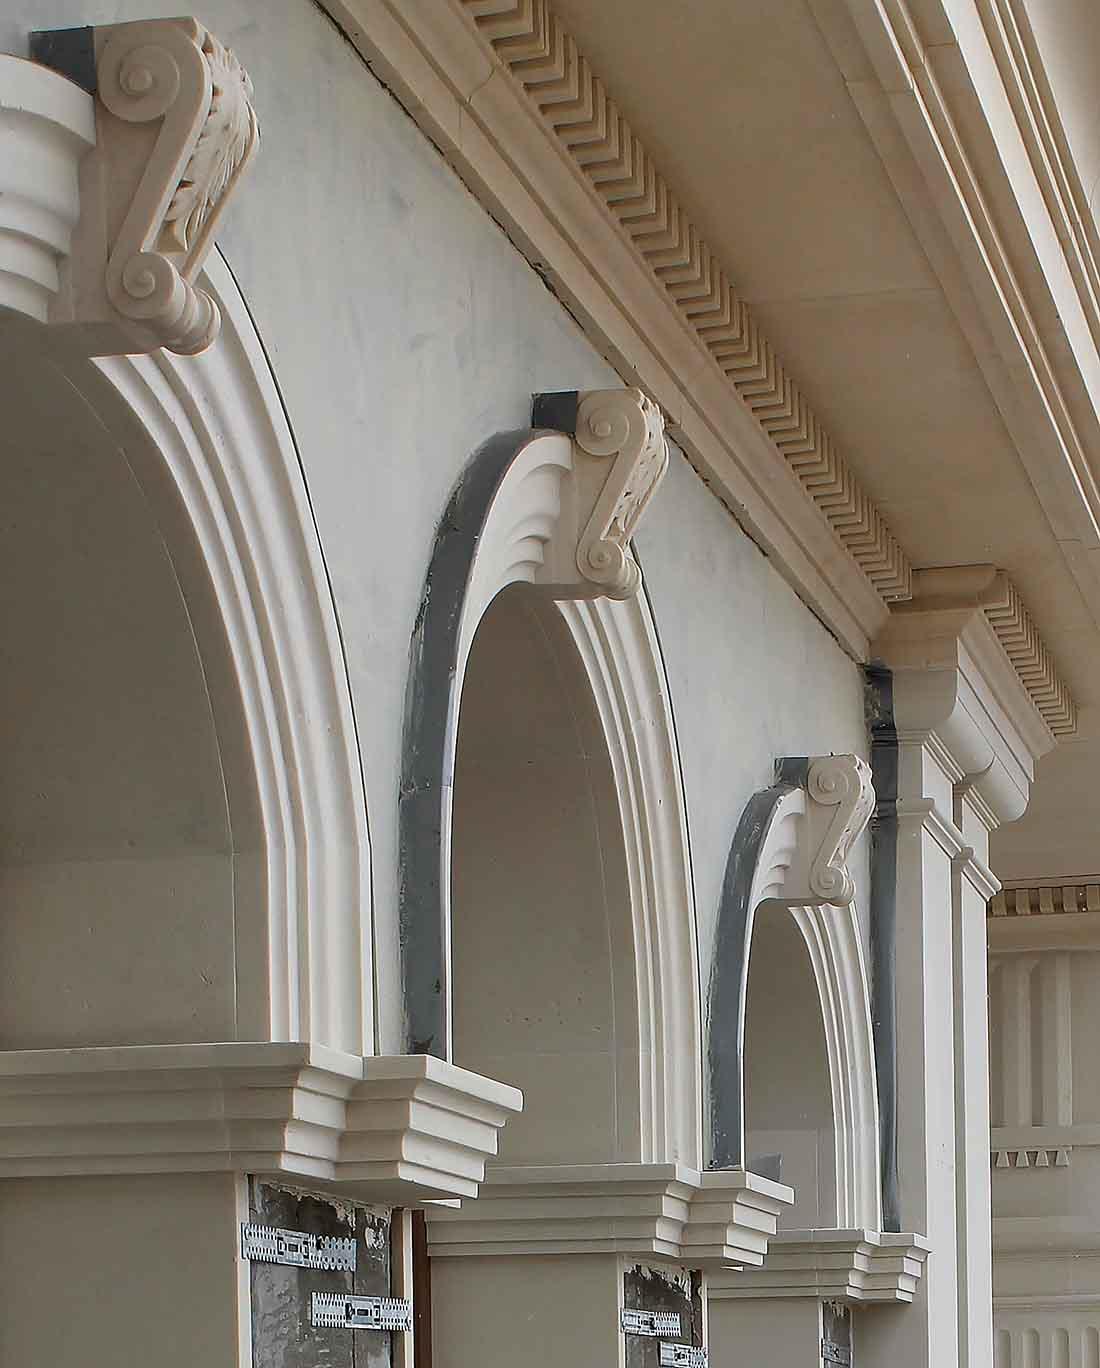 Усадьба в поселке Холмс, реконструкция и проект облицовки фасадов_05